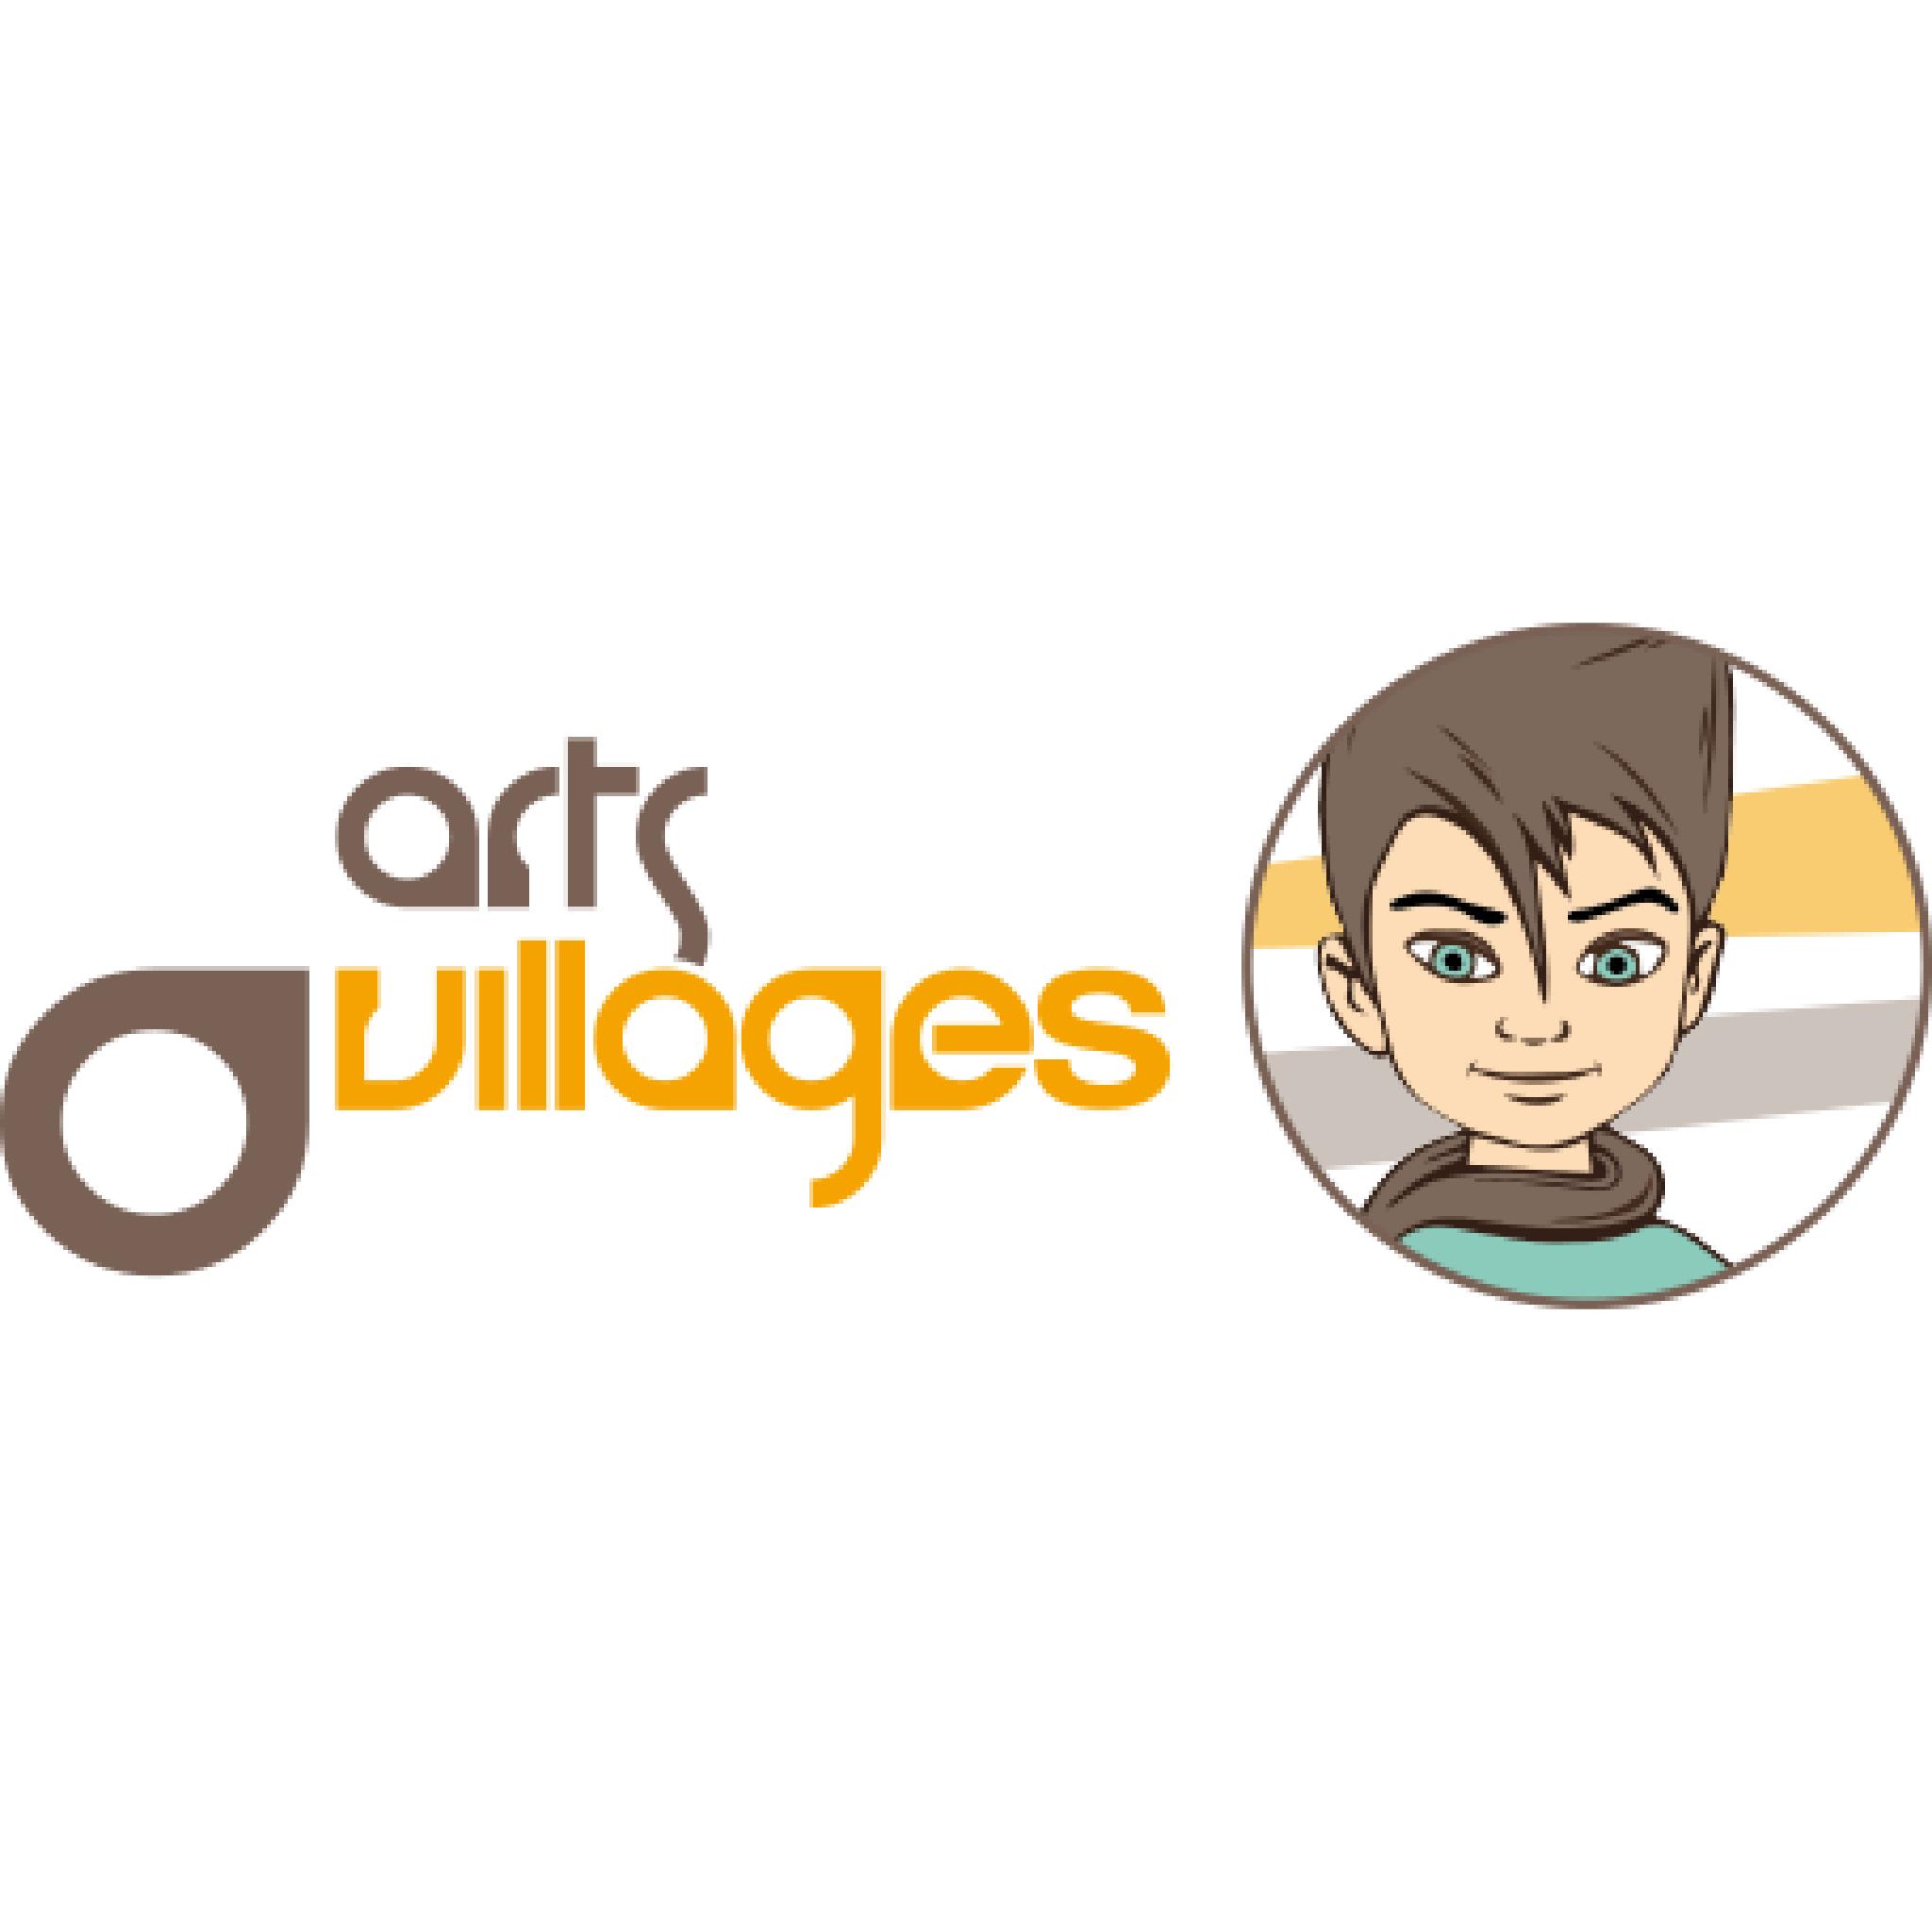 Artsvillages